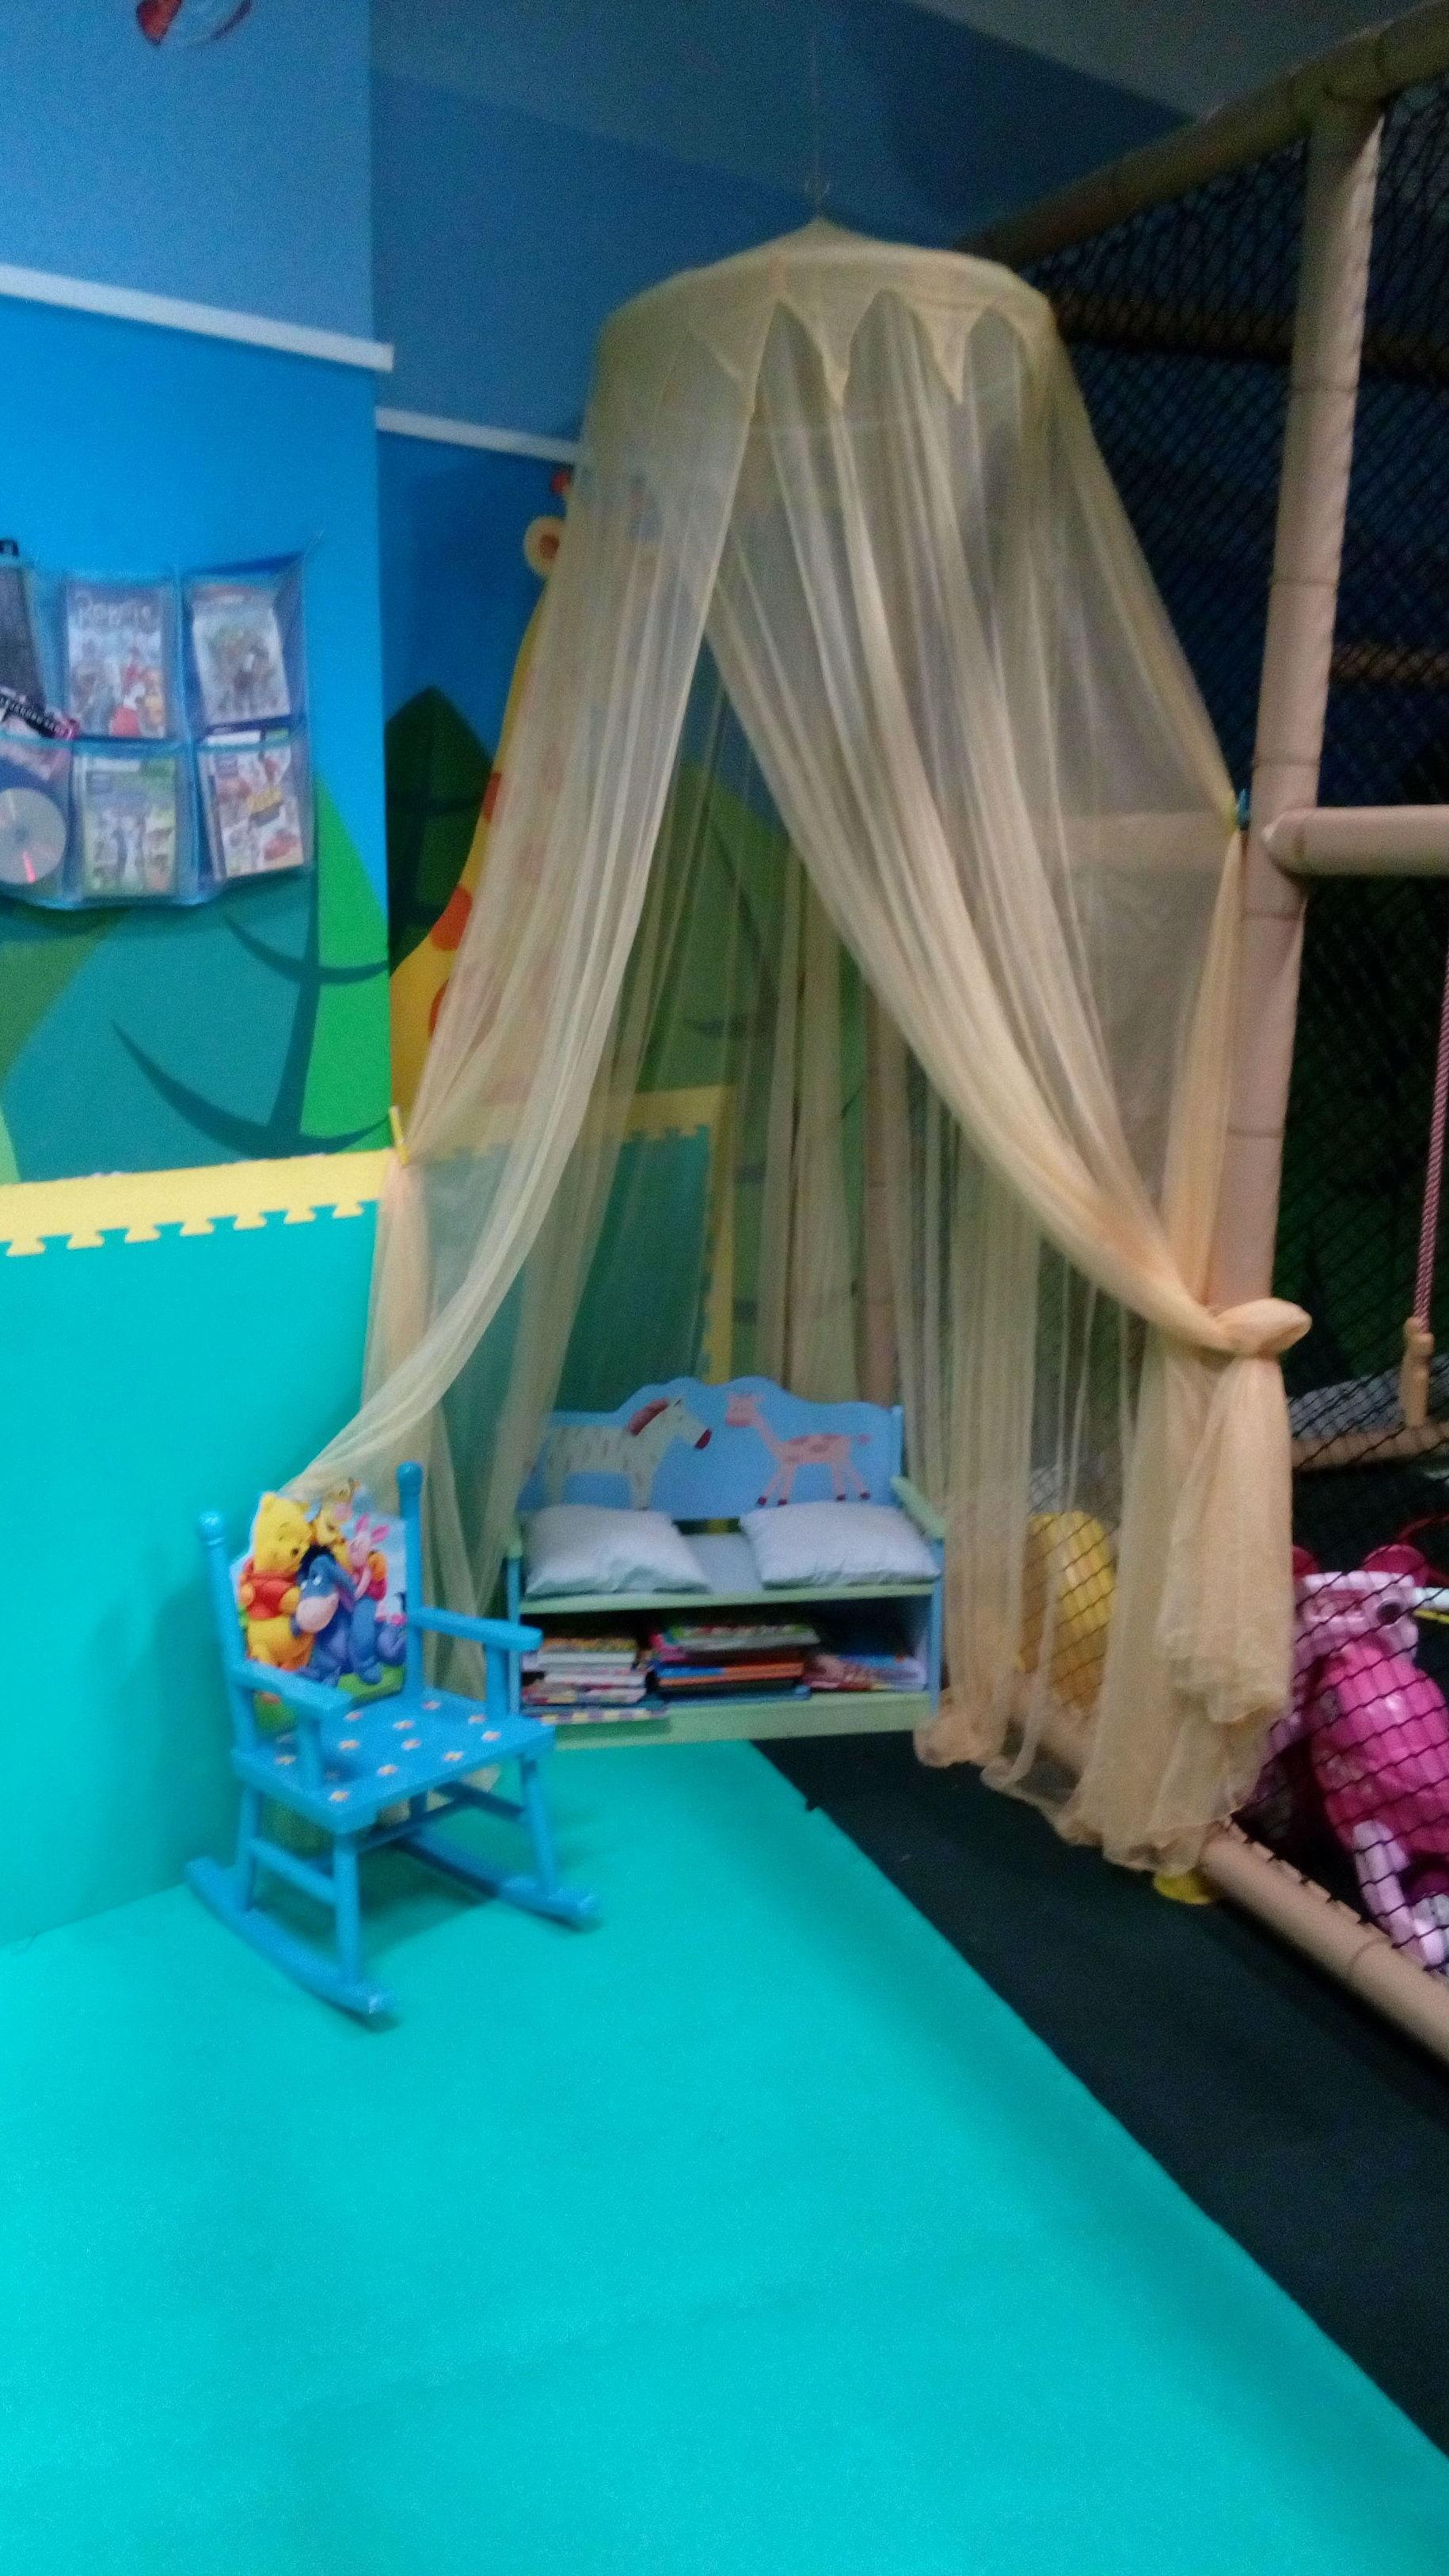 Foto 10 de Parques infantiles en  | LUKAS PARK parque infantil